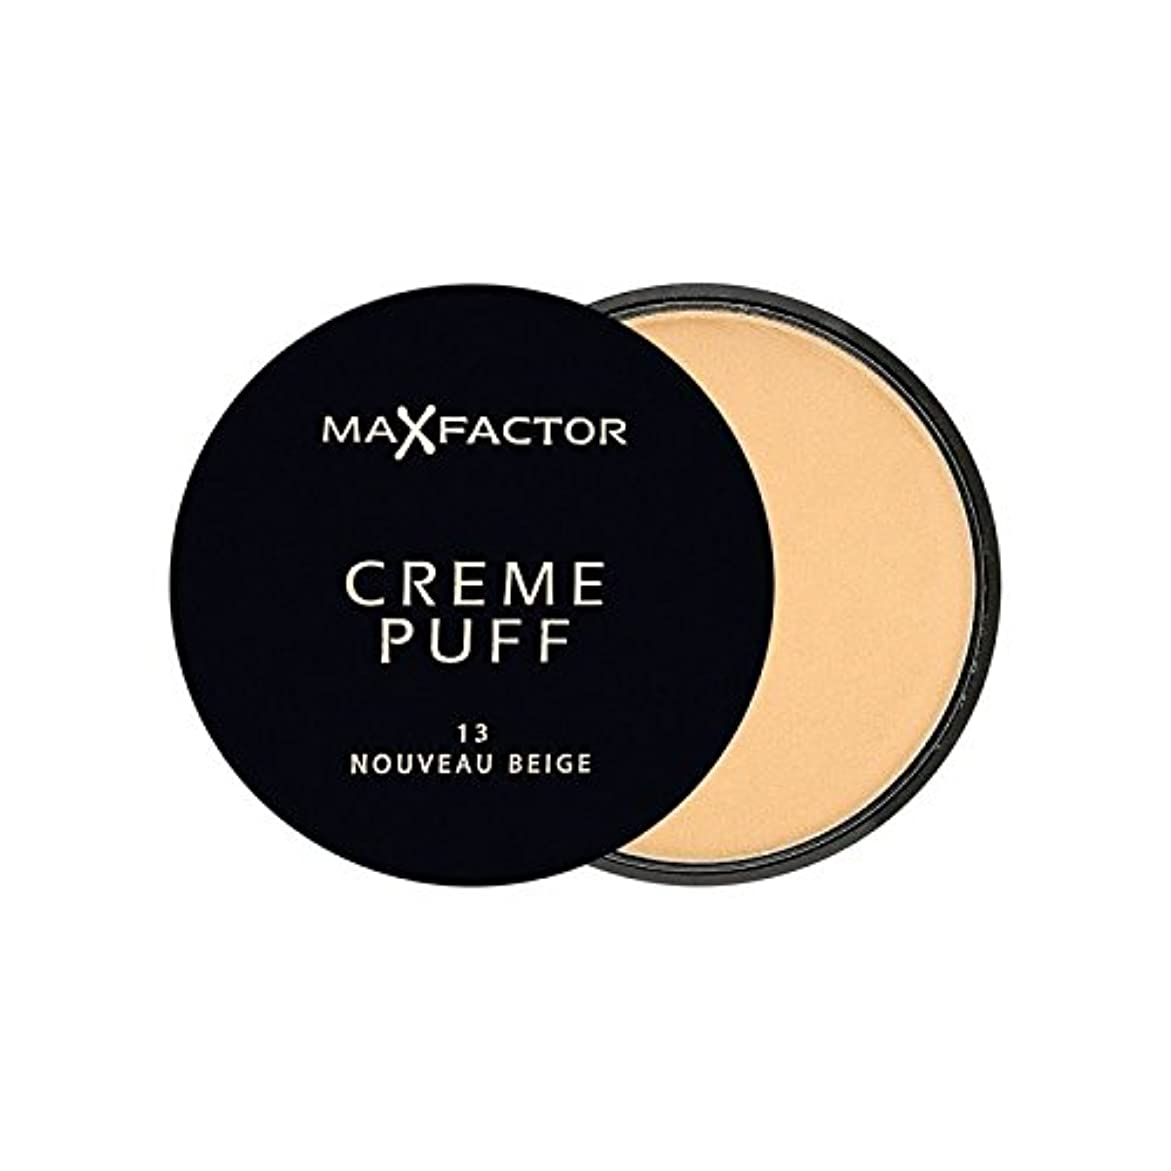 口径しっとりレンダリングMax Factor Creme Puff Powder Compact Nouveau Beige 13 - マックスファクタークリームパフ粉末コンパクトヌーボーベージュ13 [並行輸入品]